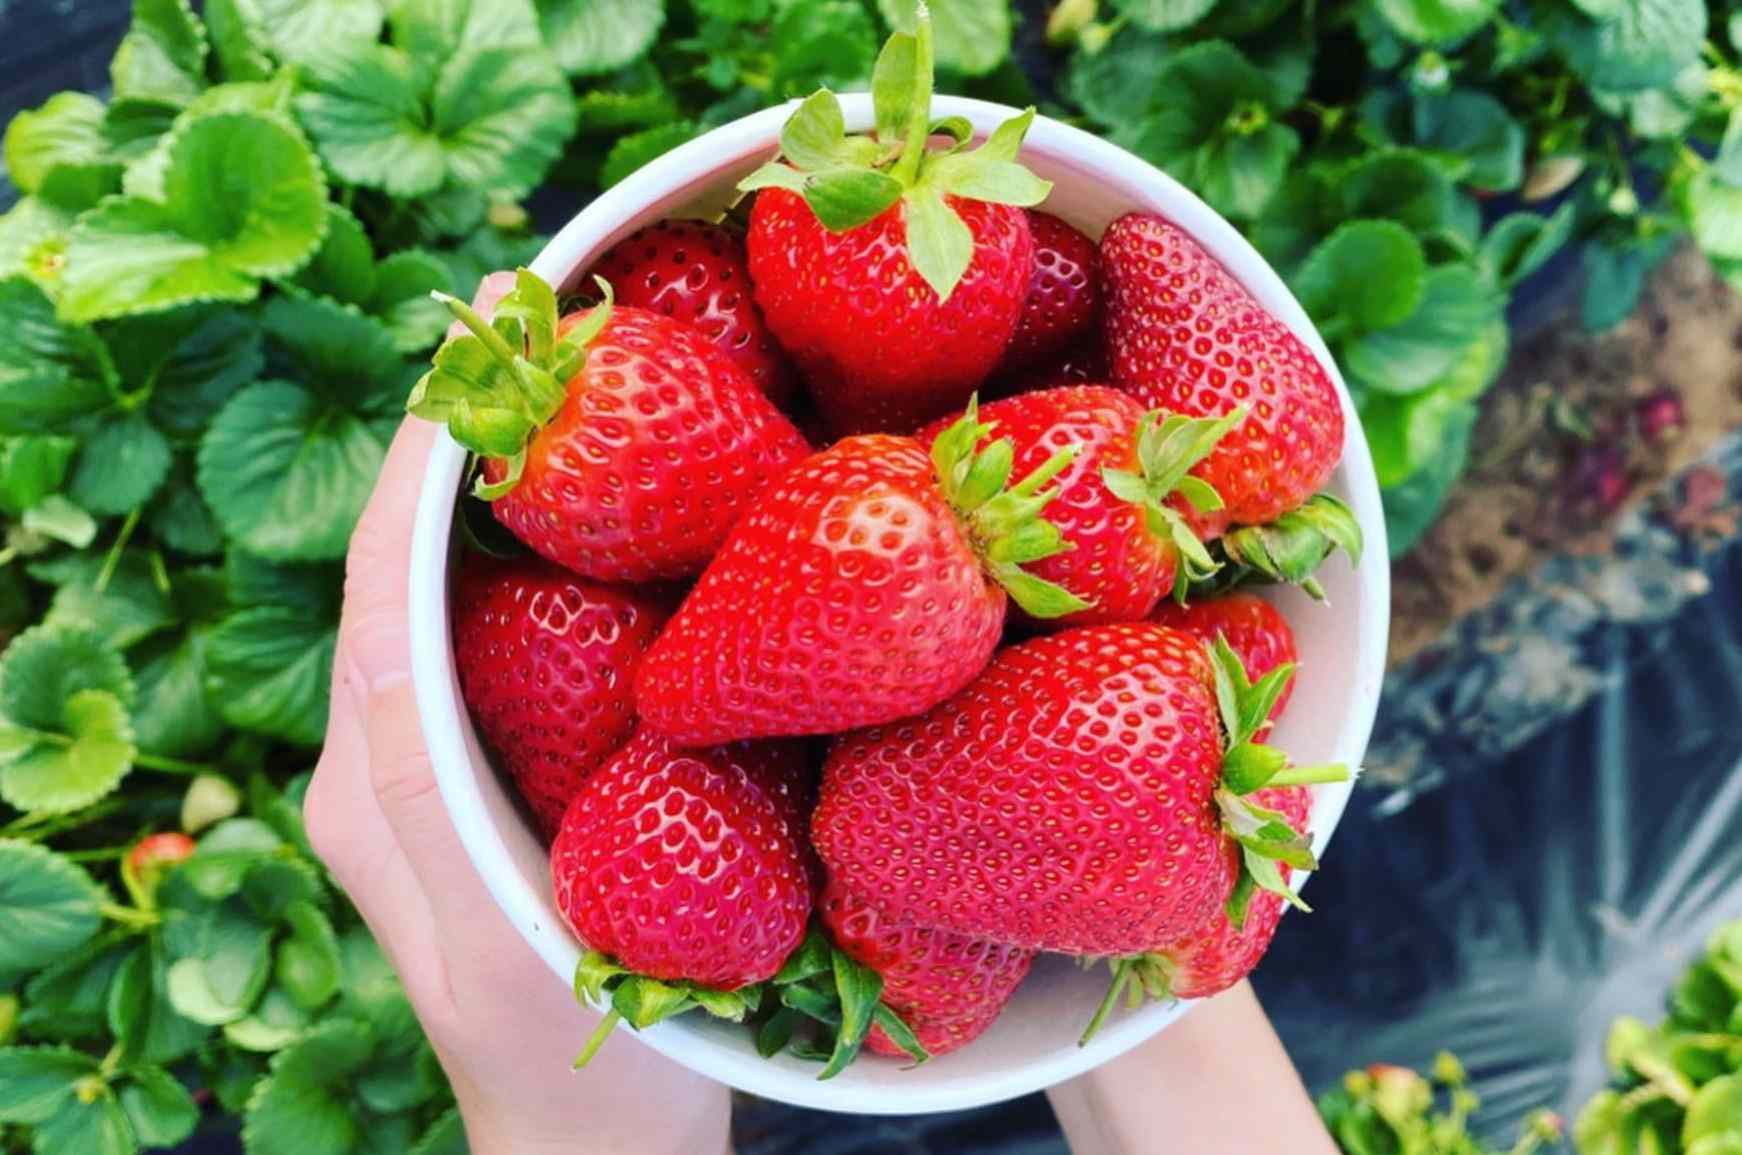 U-pick strawberries in Carlsbad